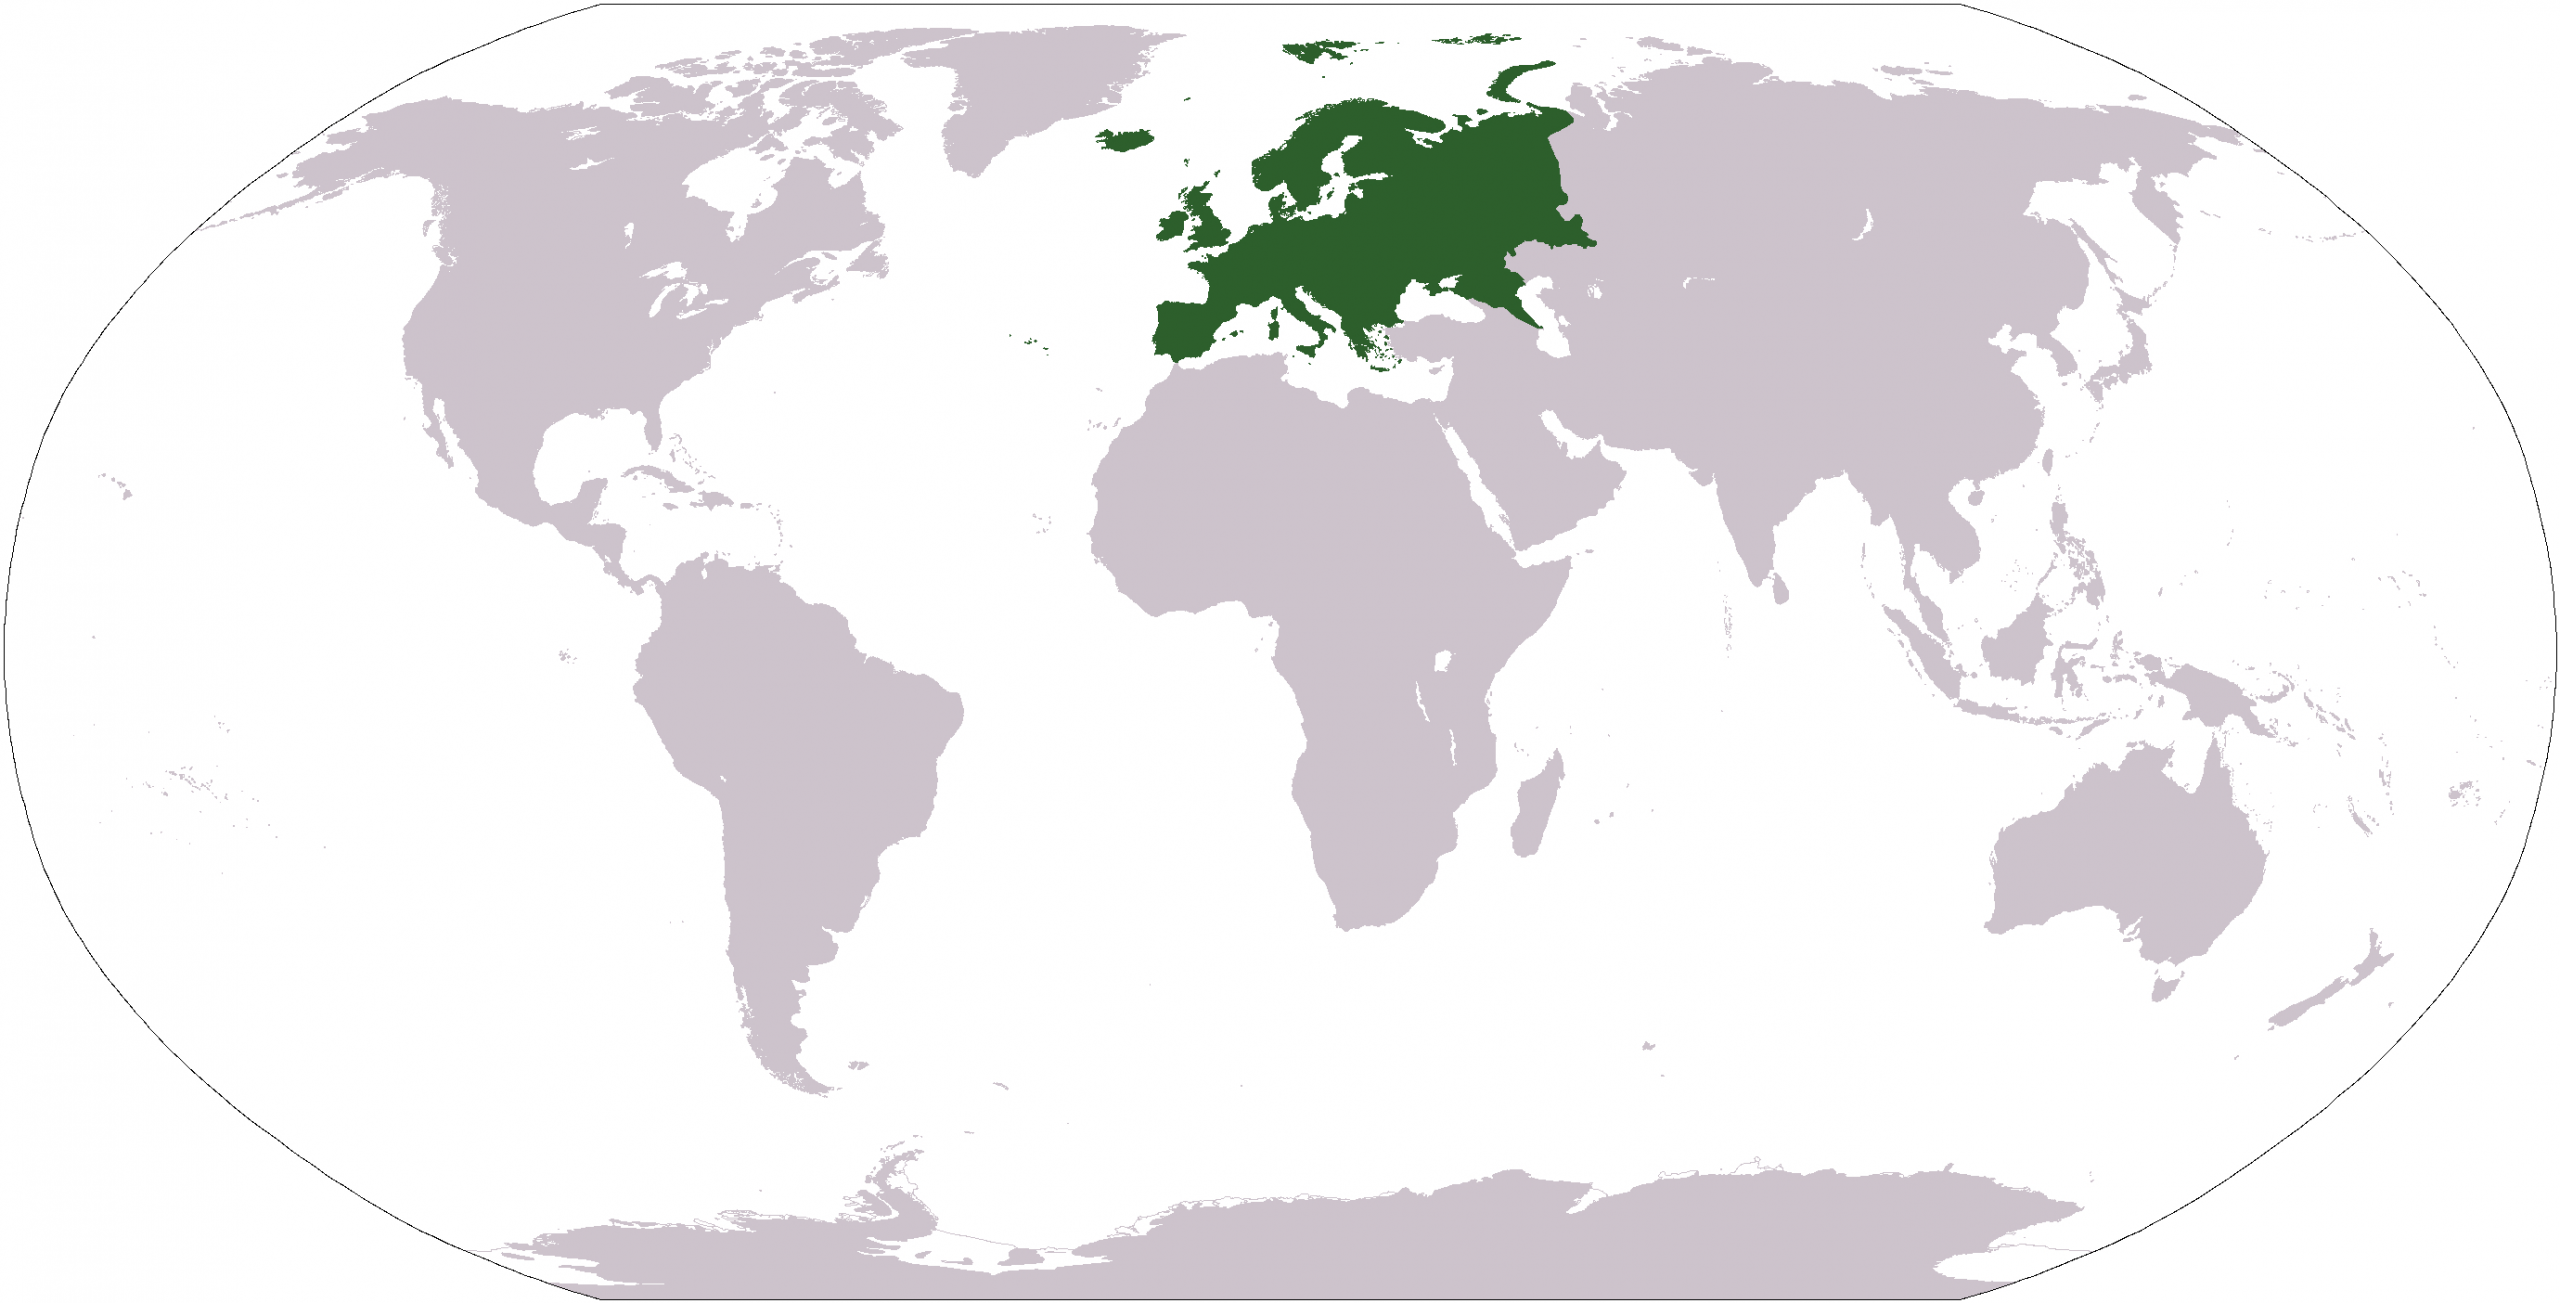 Landkarte Europa - Landkarten Download -> Europakarte bestimmt für Karte Europa Ohne Beschriftung